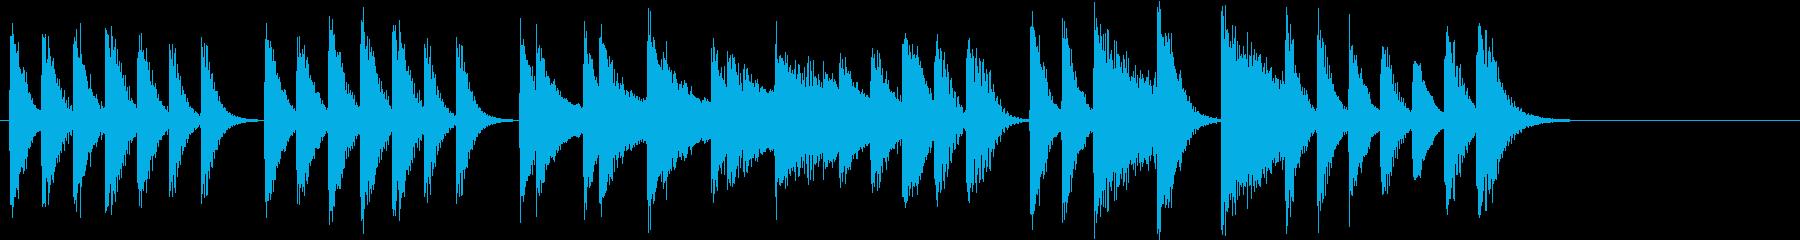 節分に!豆まきモチーフピアノジングルDの再生済みの波形